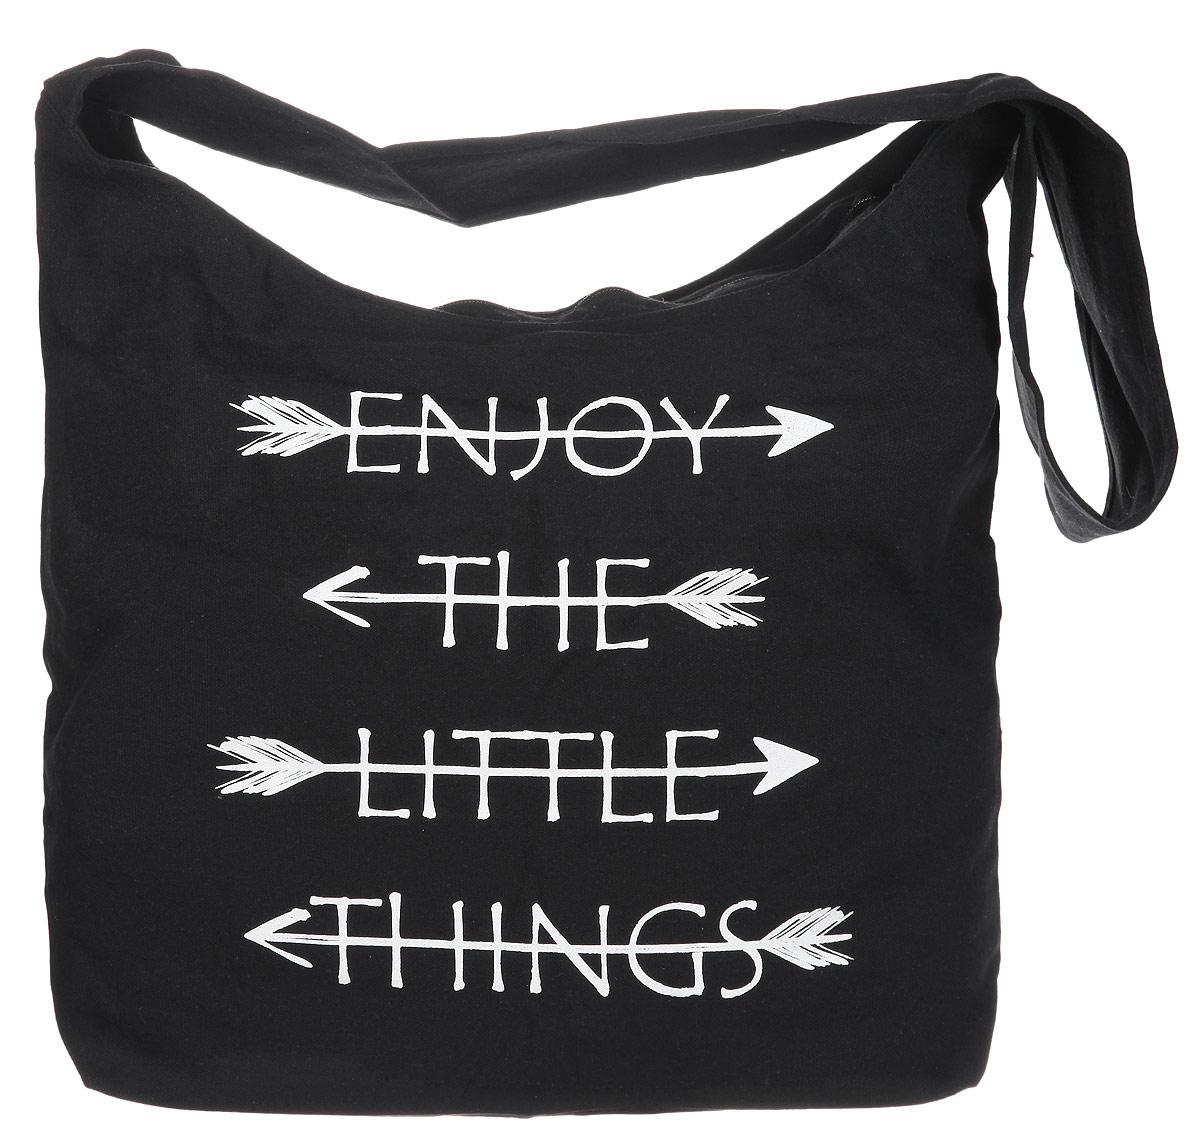 Сумка женская Moodo, цвет: черный. L-TO-20043-47670-00504Универсальная хлопковая сумка Moodo оформлена стильным принтом с надписями на английском языке.Сумка имеет одно вместительное отделение, закрывающееся на застежку-молнию. Внутри изделия расположен нашивной кармашек на молнии. Сумка оснащена удобной лямкой, которая позволит носить изделие, как в руках, так и на плече.Модная сумка идеально подчеркнет ваш неповторимый стиль.